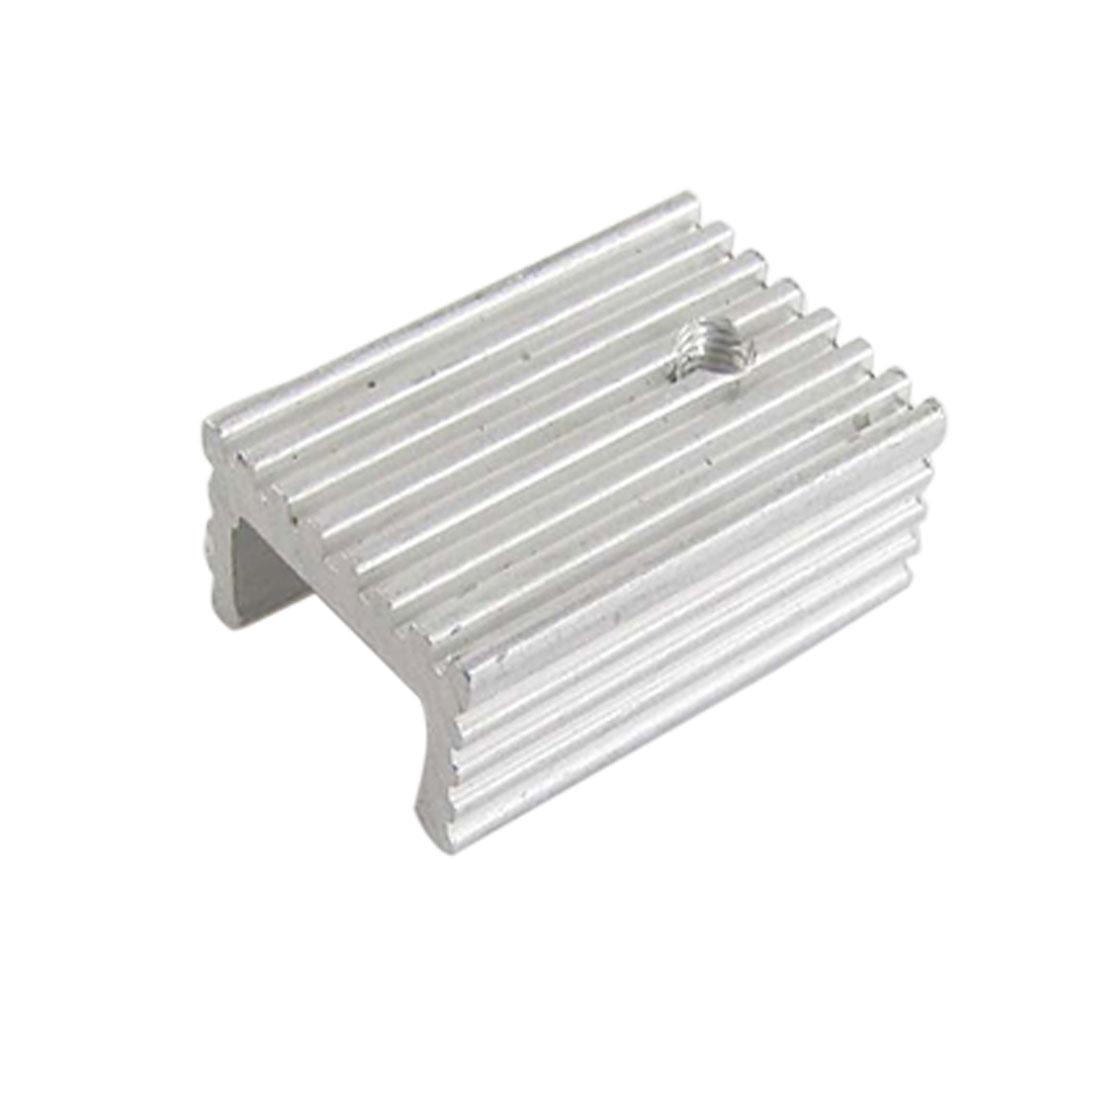 Aluminium 22 x 15 x 10mm Heatsink Cooling Cooler Fin